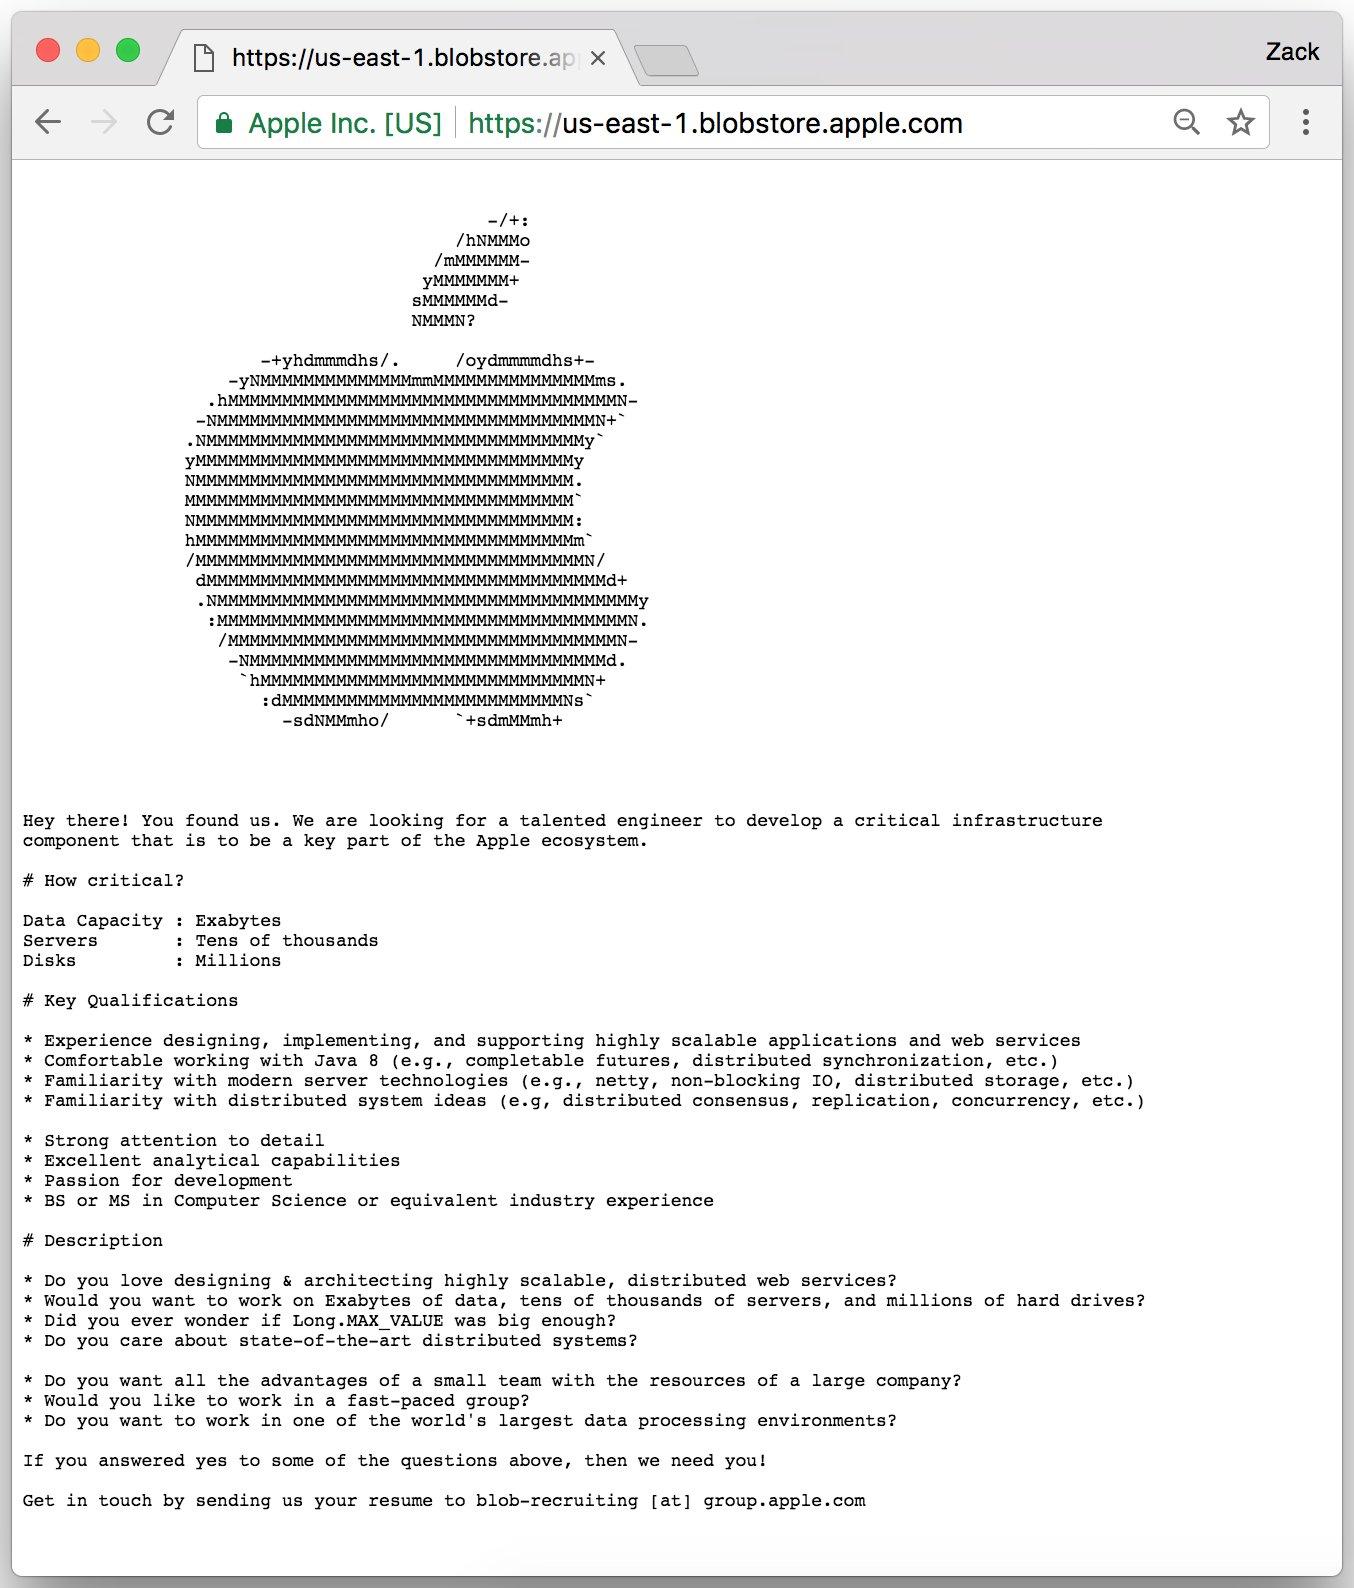 Vaga de engenheiro na Apple